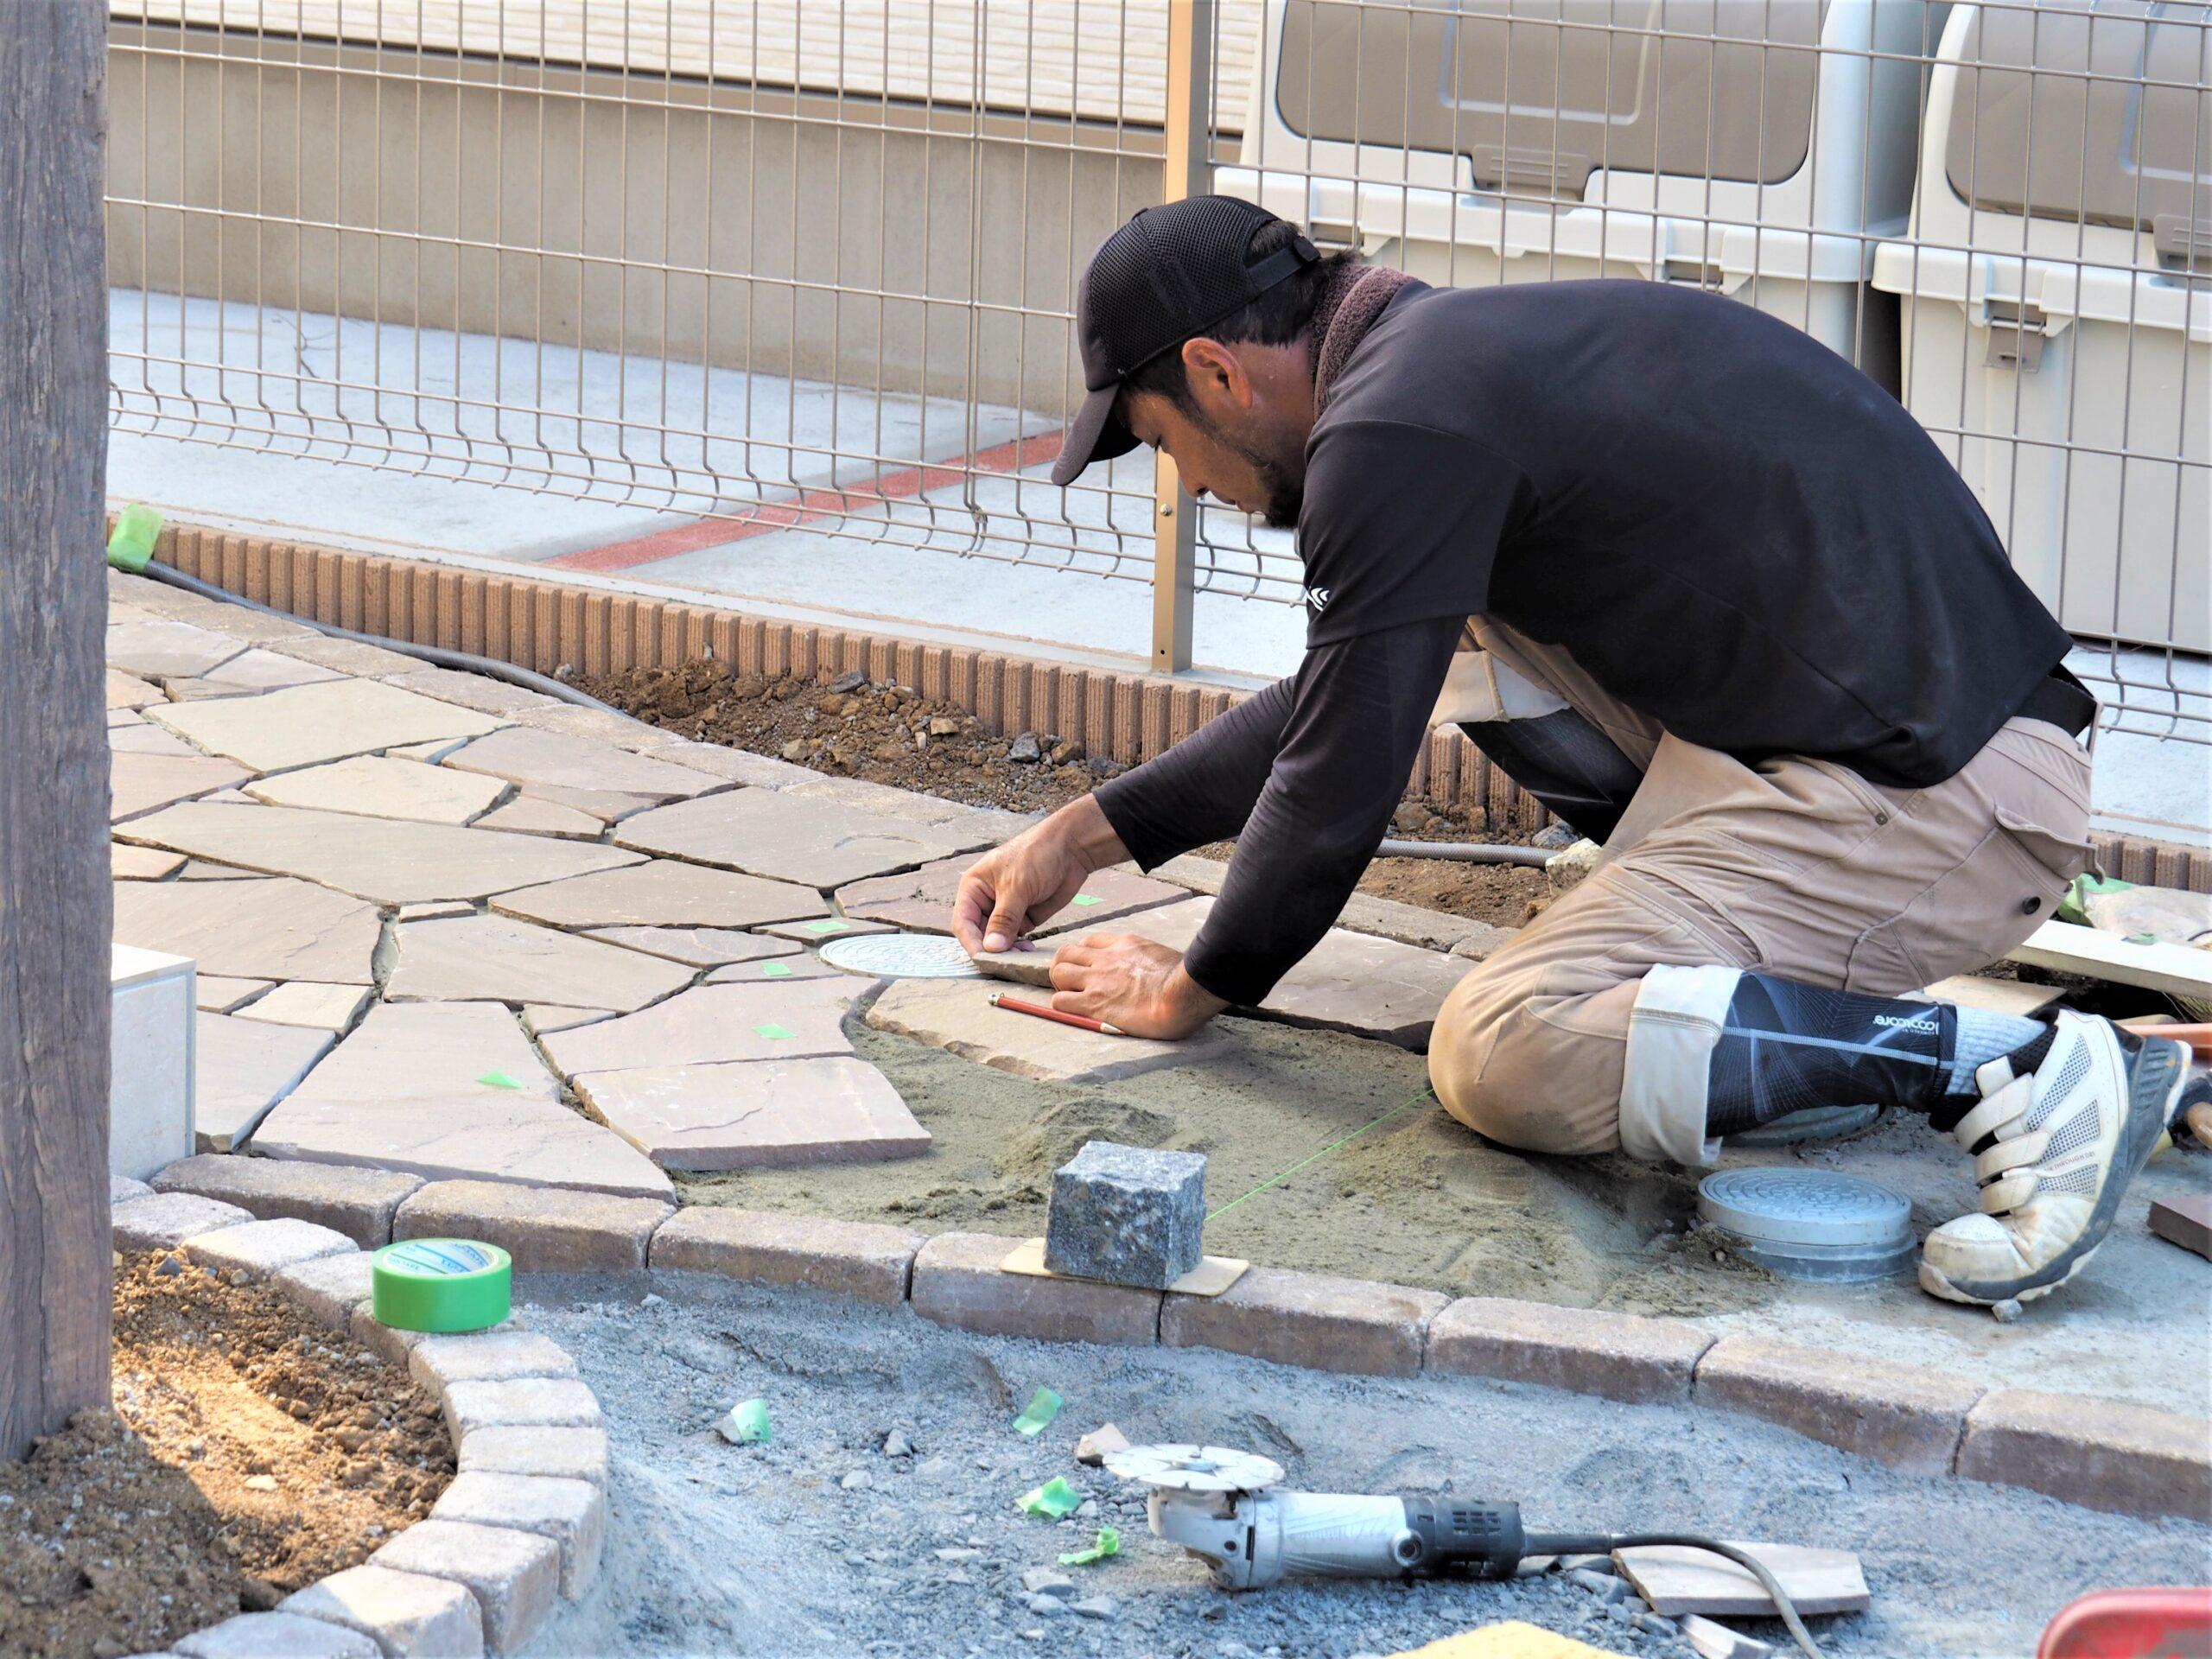 つくば市・G様邸、自然石の乱張り工事が進んでいます!